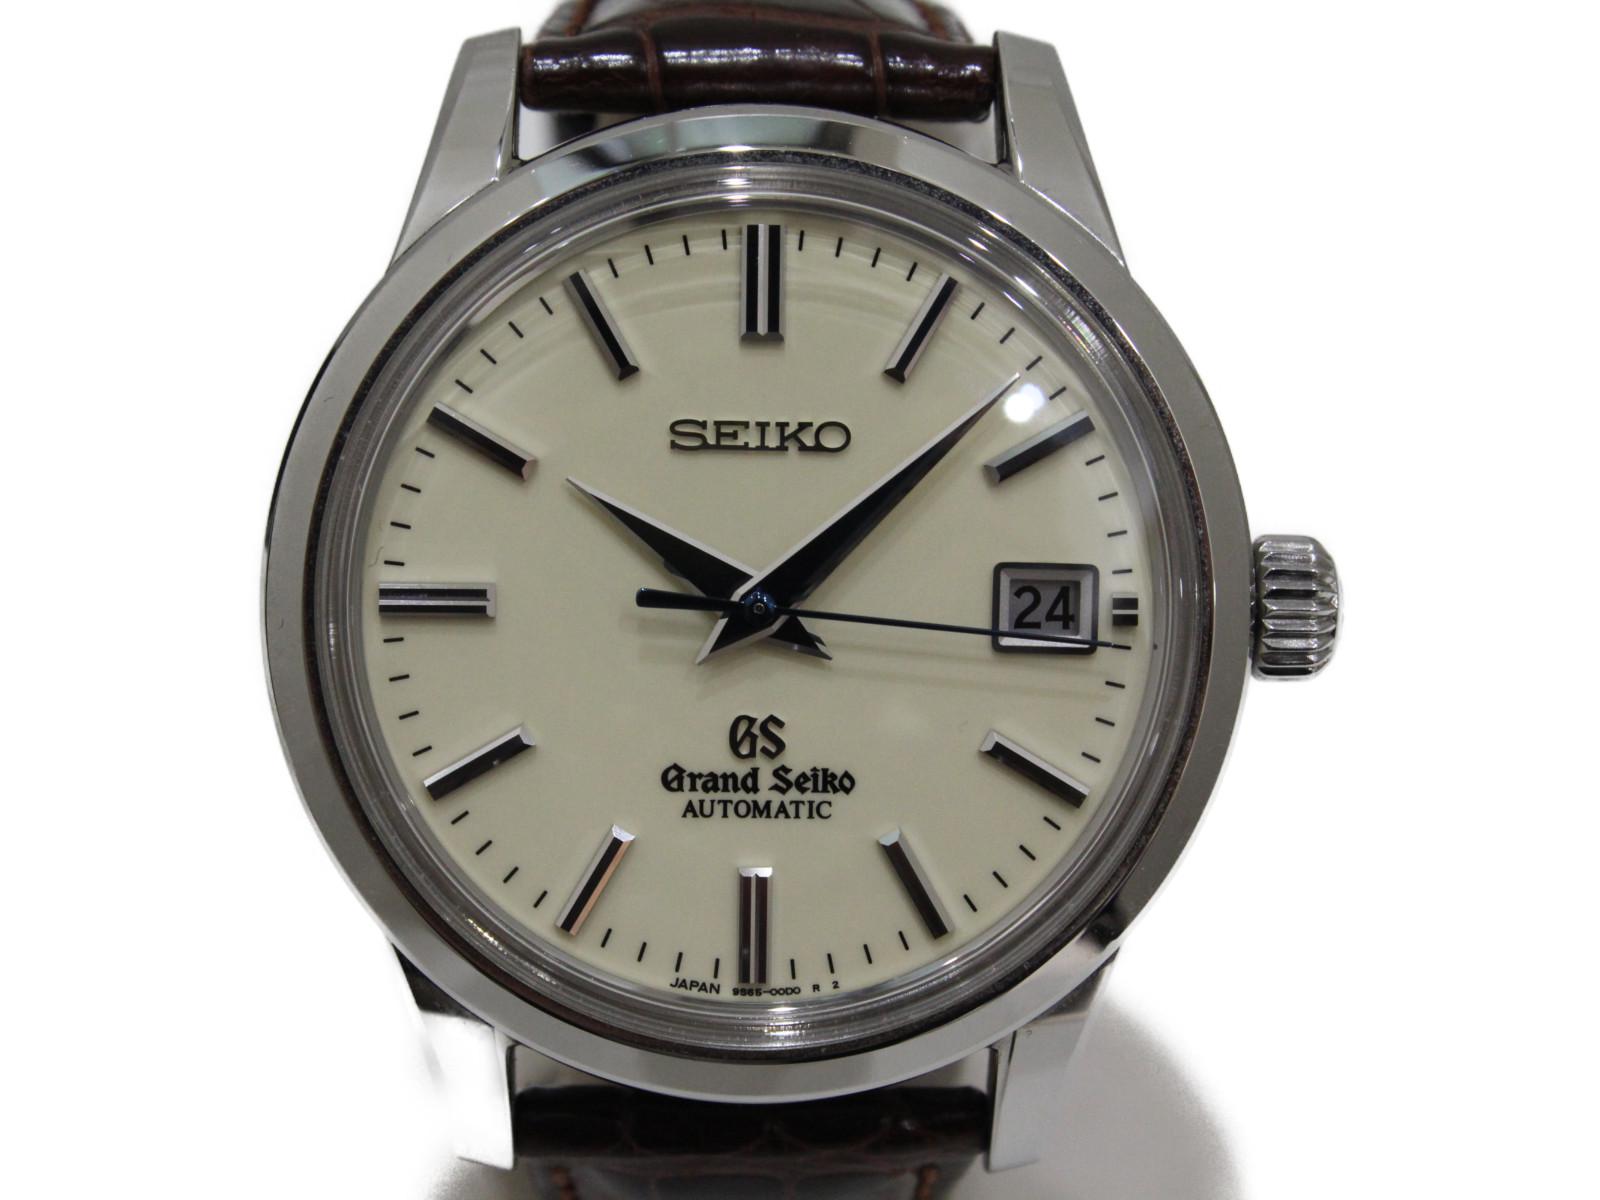 Grand Seiko グランドセイコー メカニカル SBGR061 自動巻き デイト SS ステンレススチール 革ベルト アイボリー メンズ 腕時計【中古】